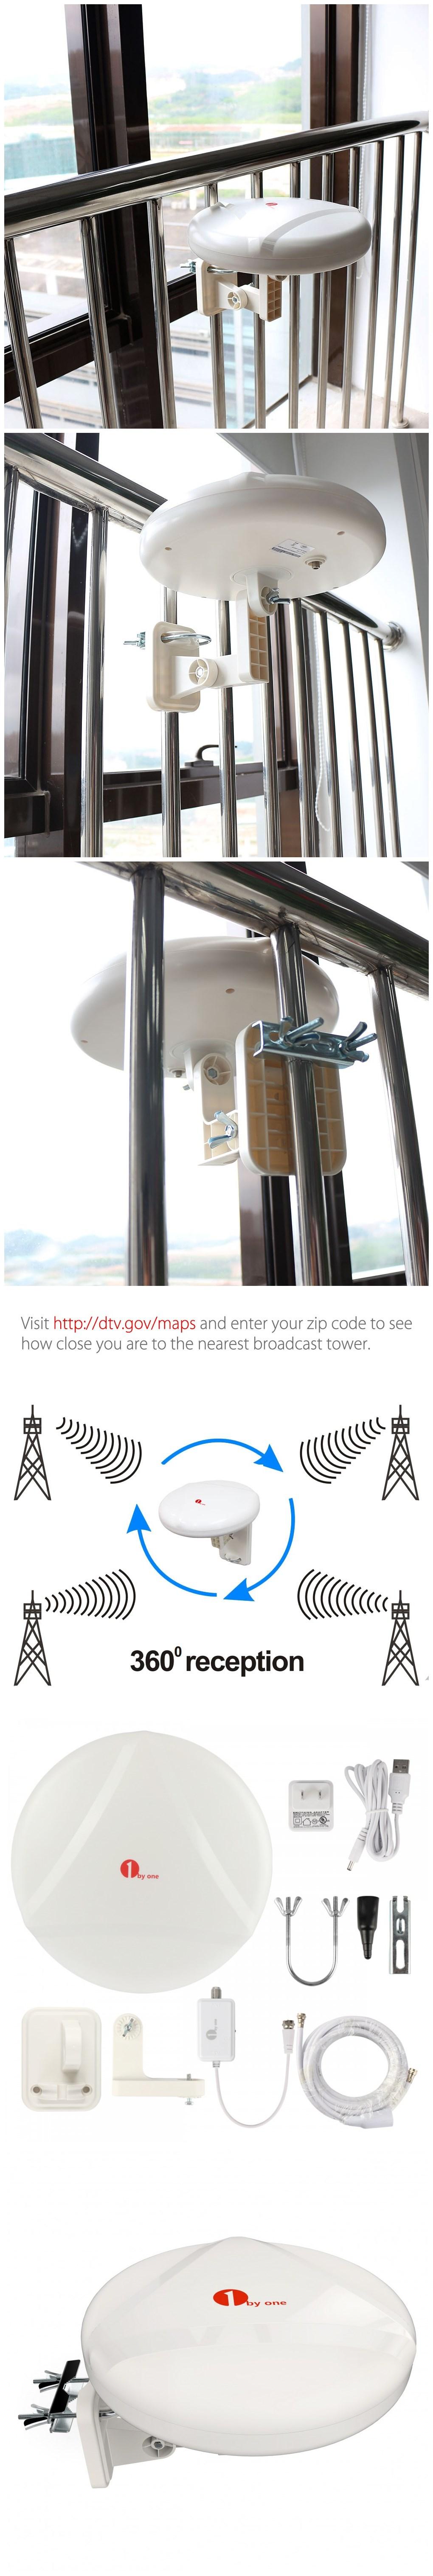 Electronics Outdoor Tv Antenna Tv Antenna Outdoor Antenna